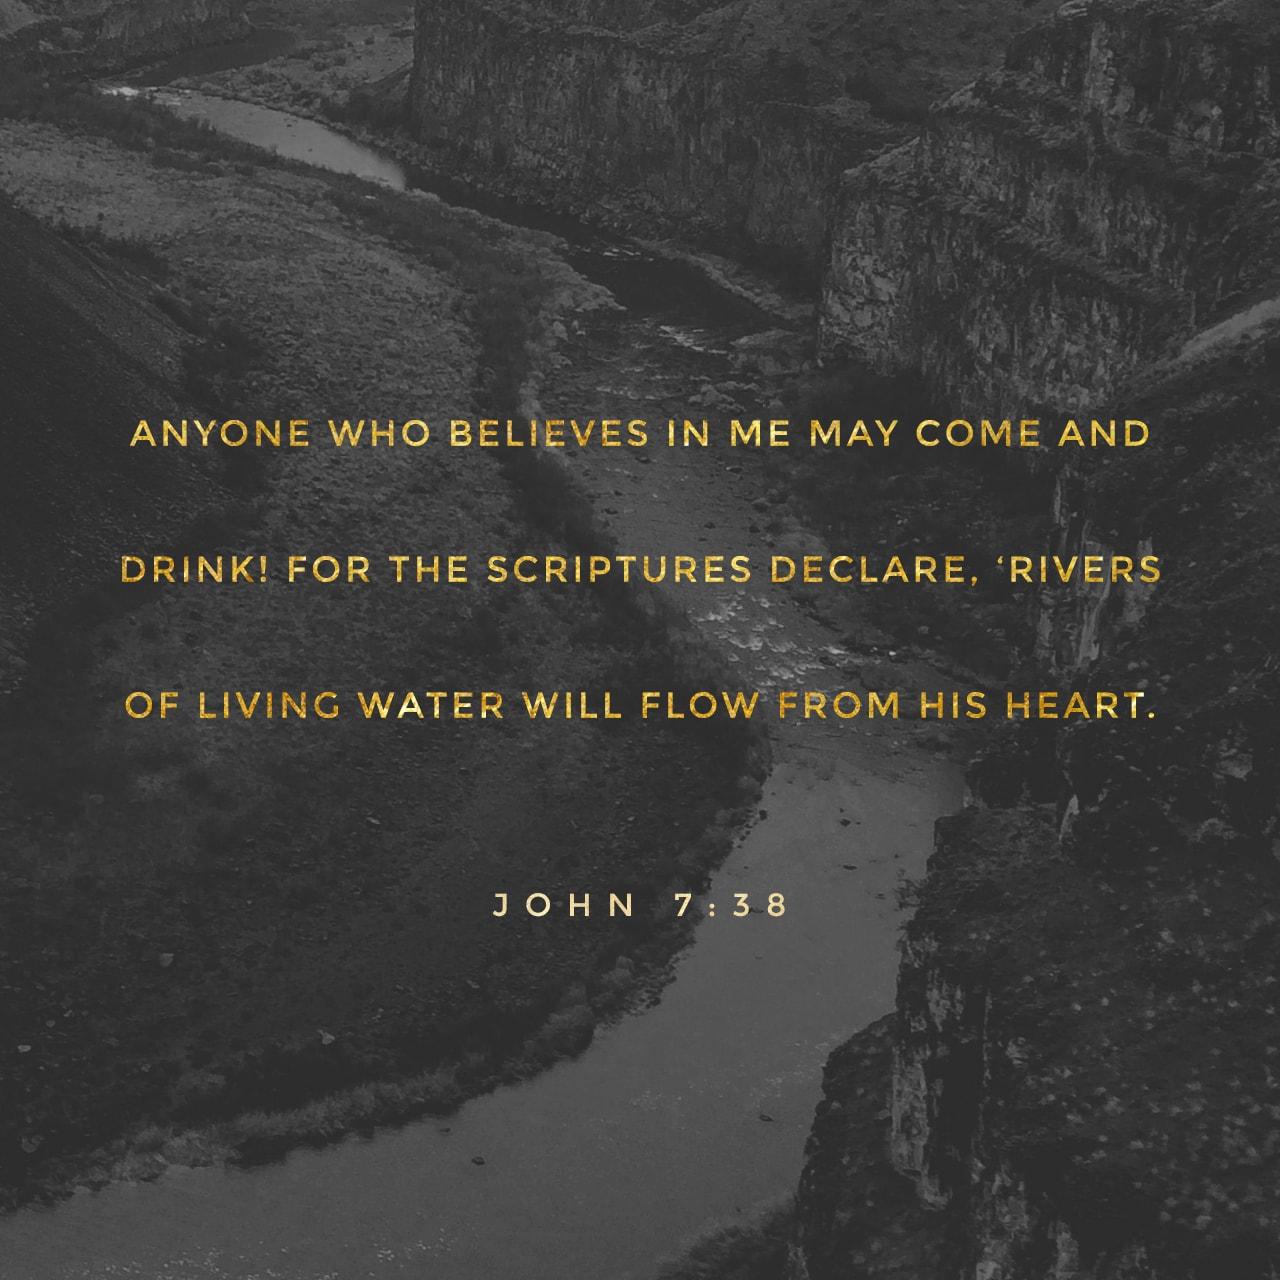 John 7:38